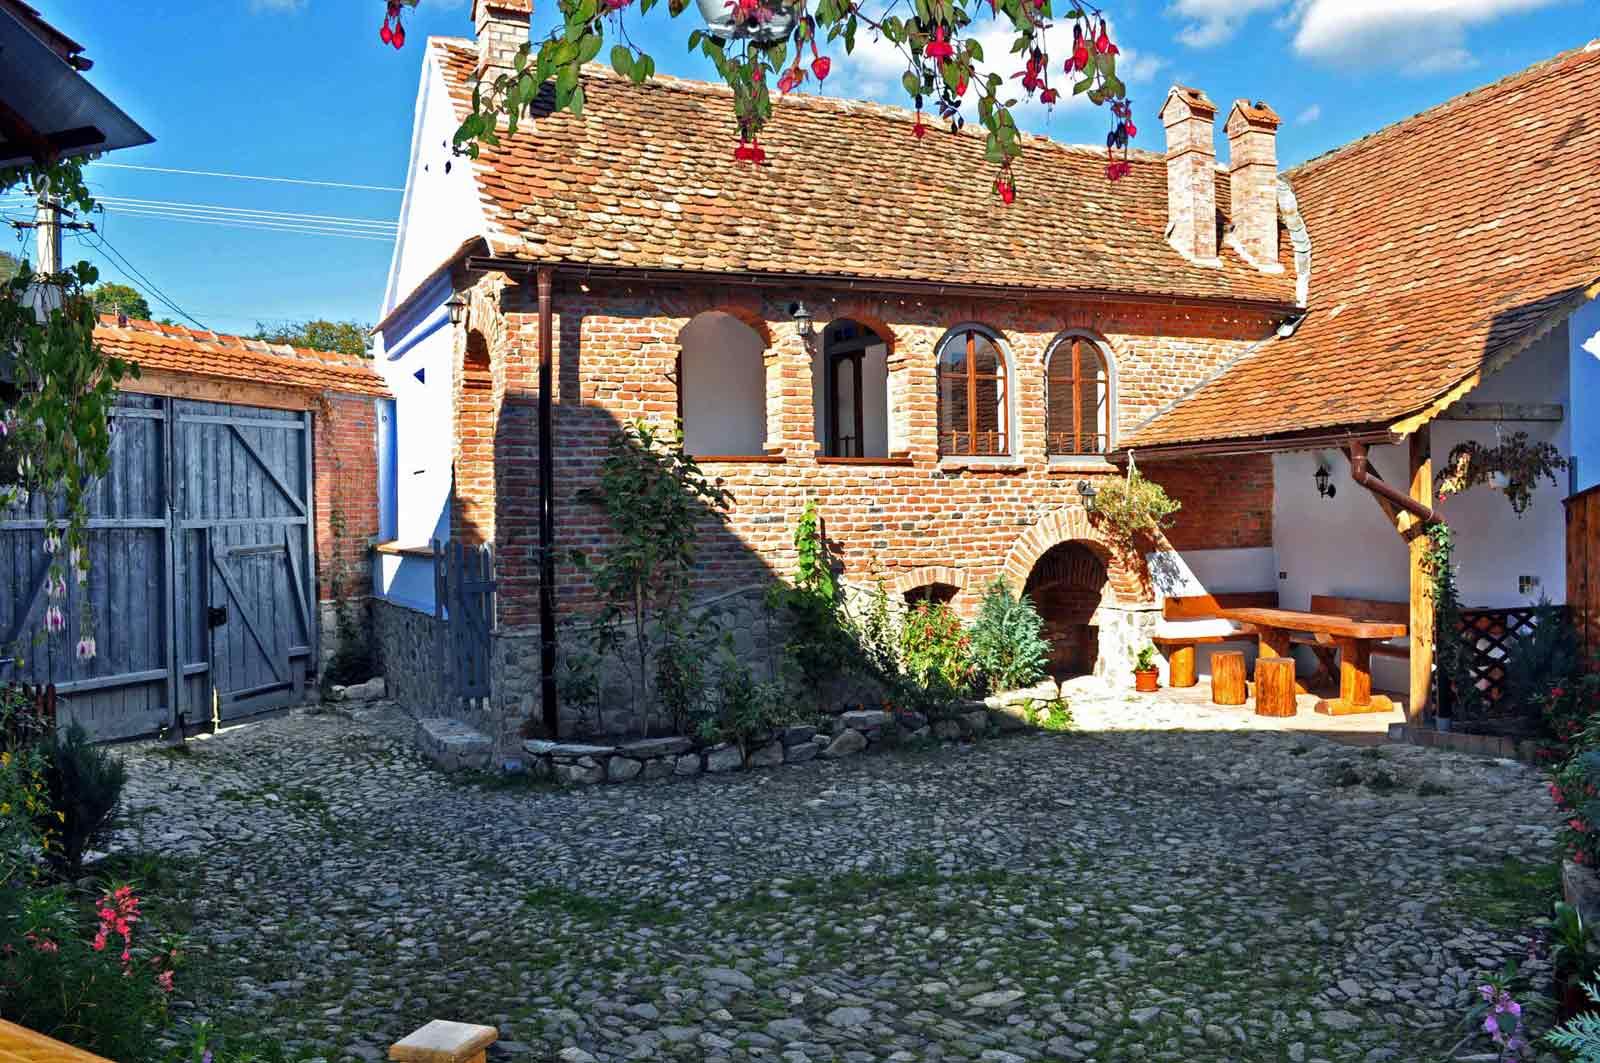 rumänien ferienwohnung siebenbürgen für 2-3 personen